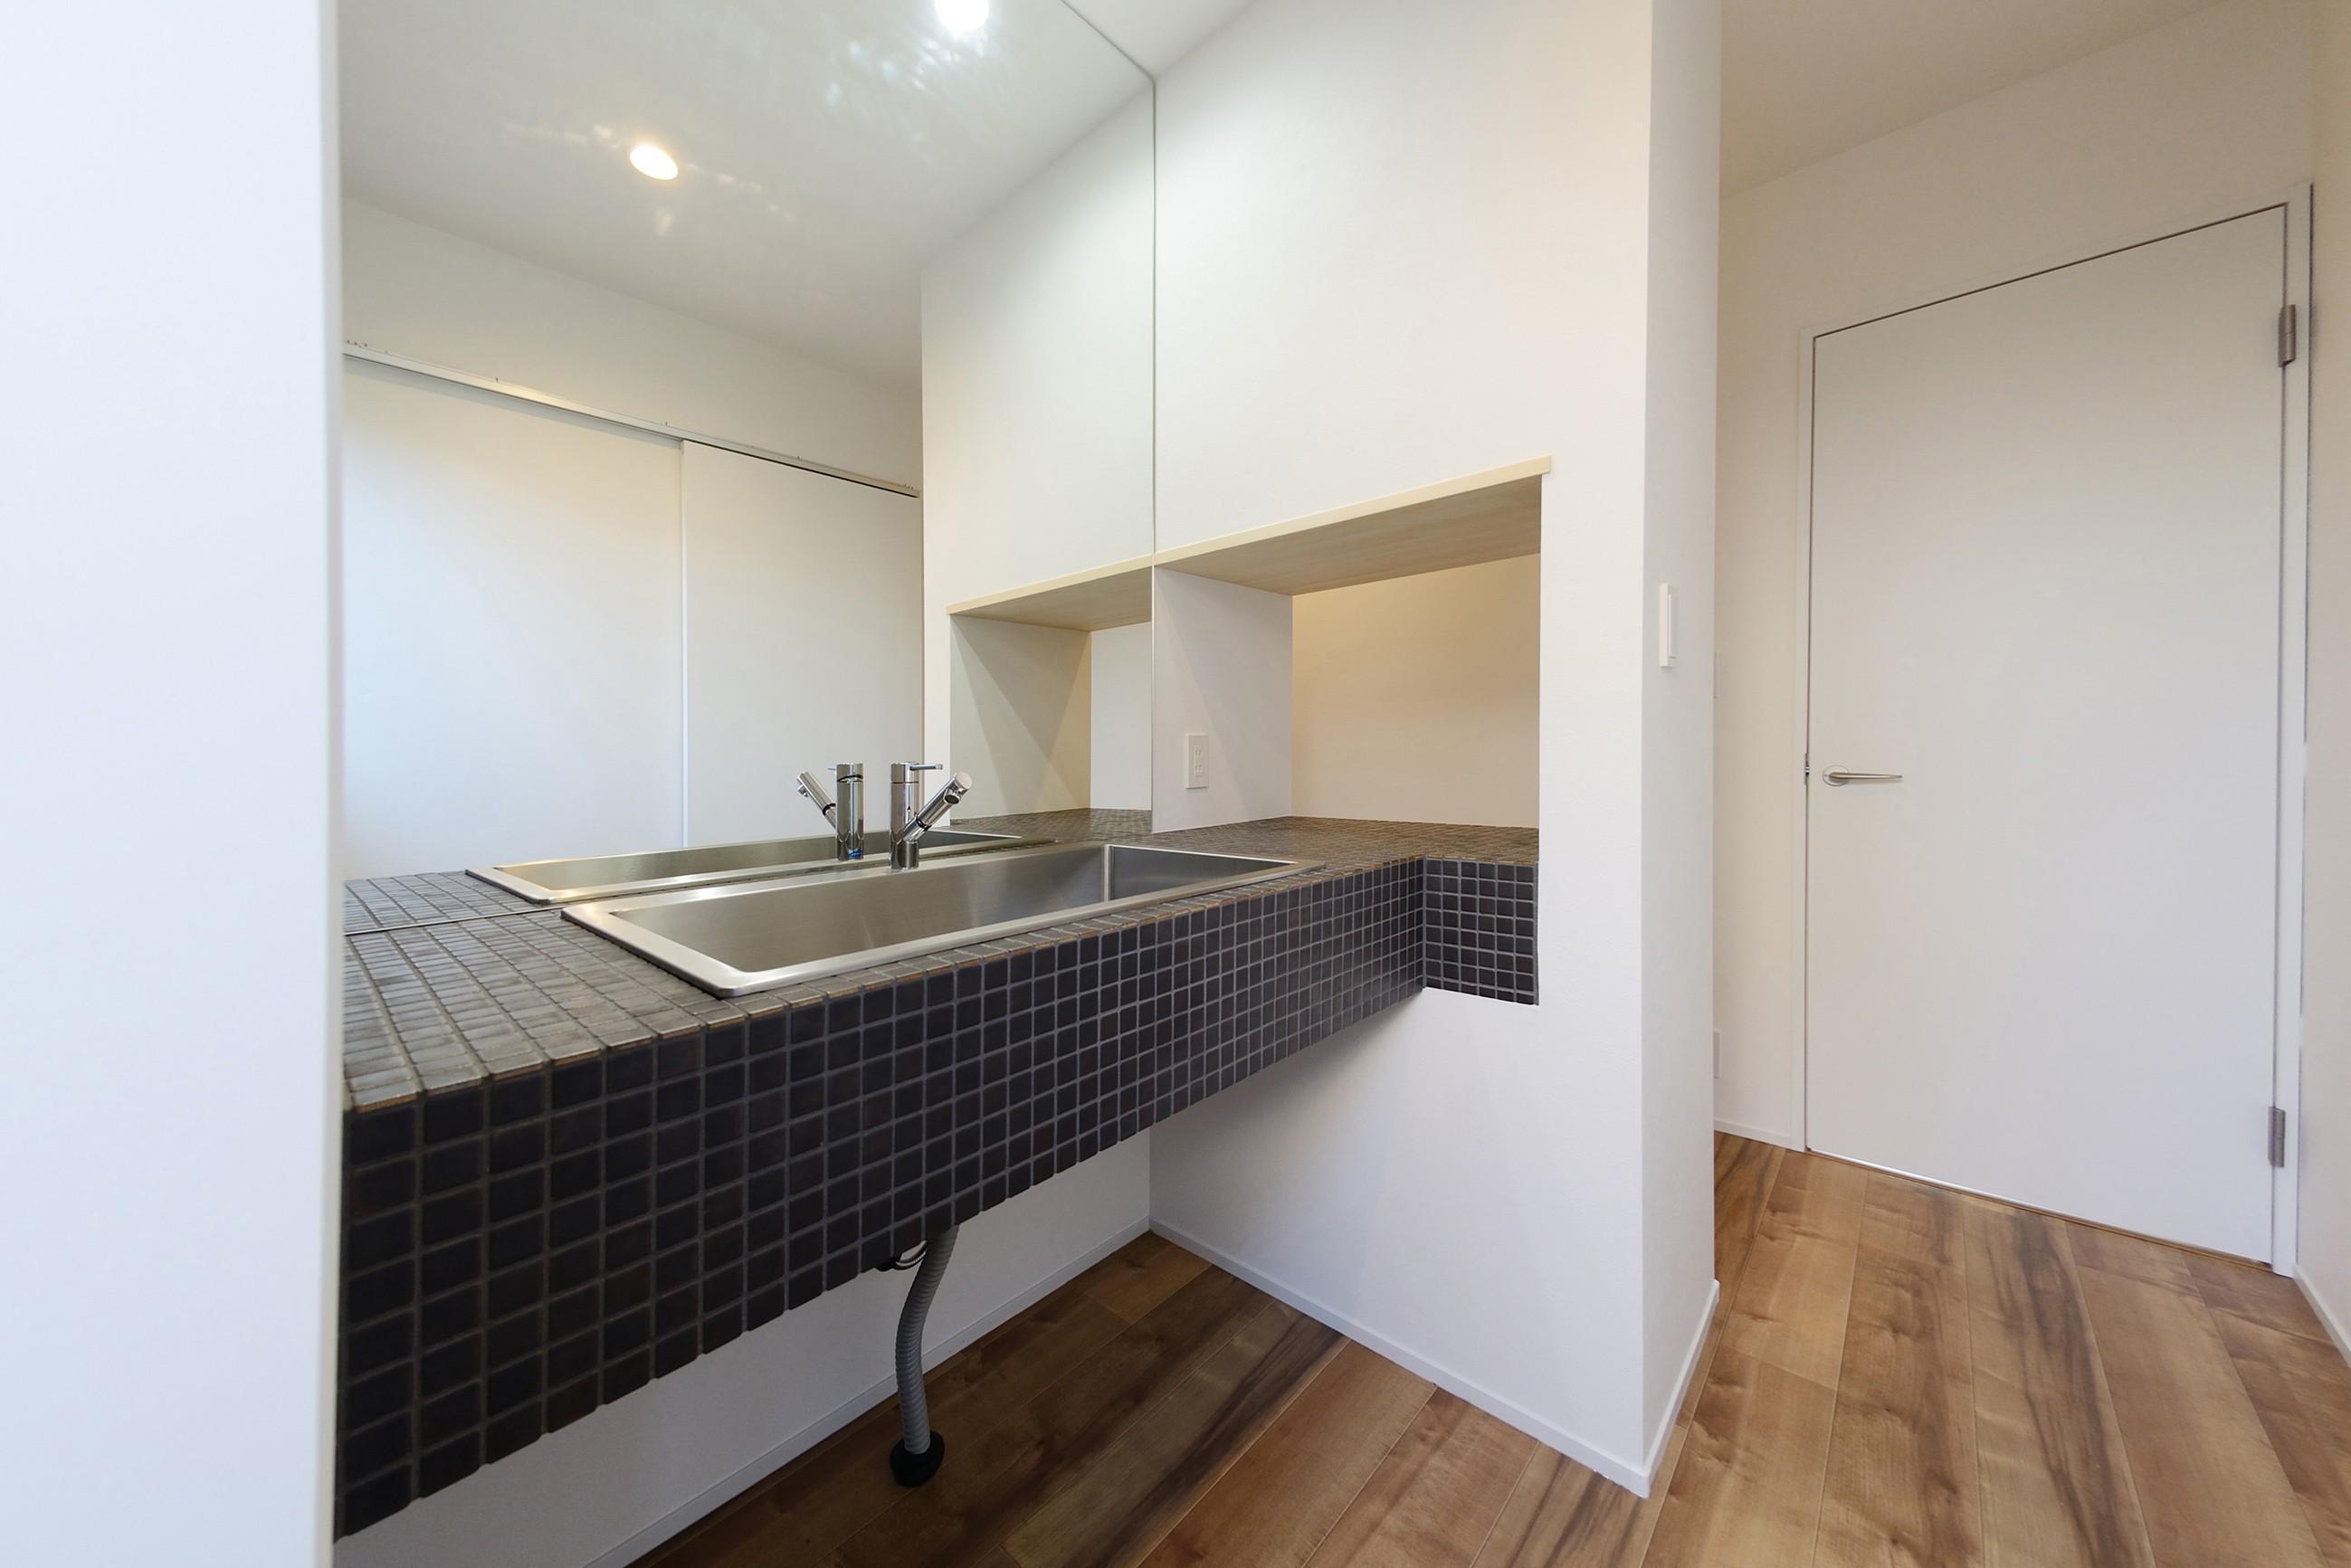 その他事例:洗面室(森のような風情を楽しみながら過ごす築40年以上の戸建てリファイニング)